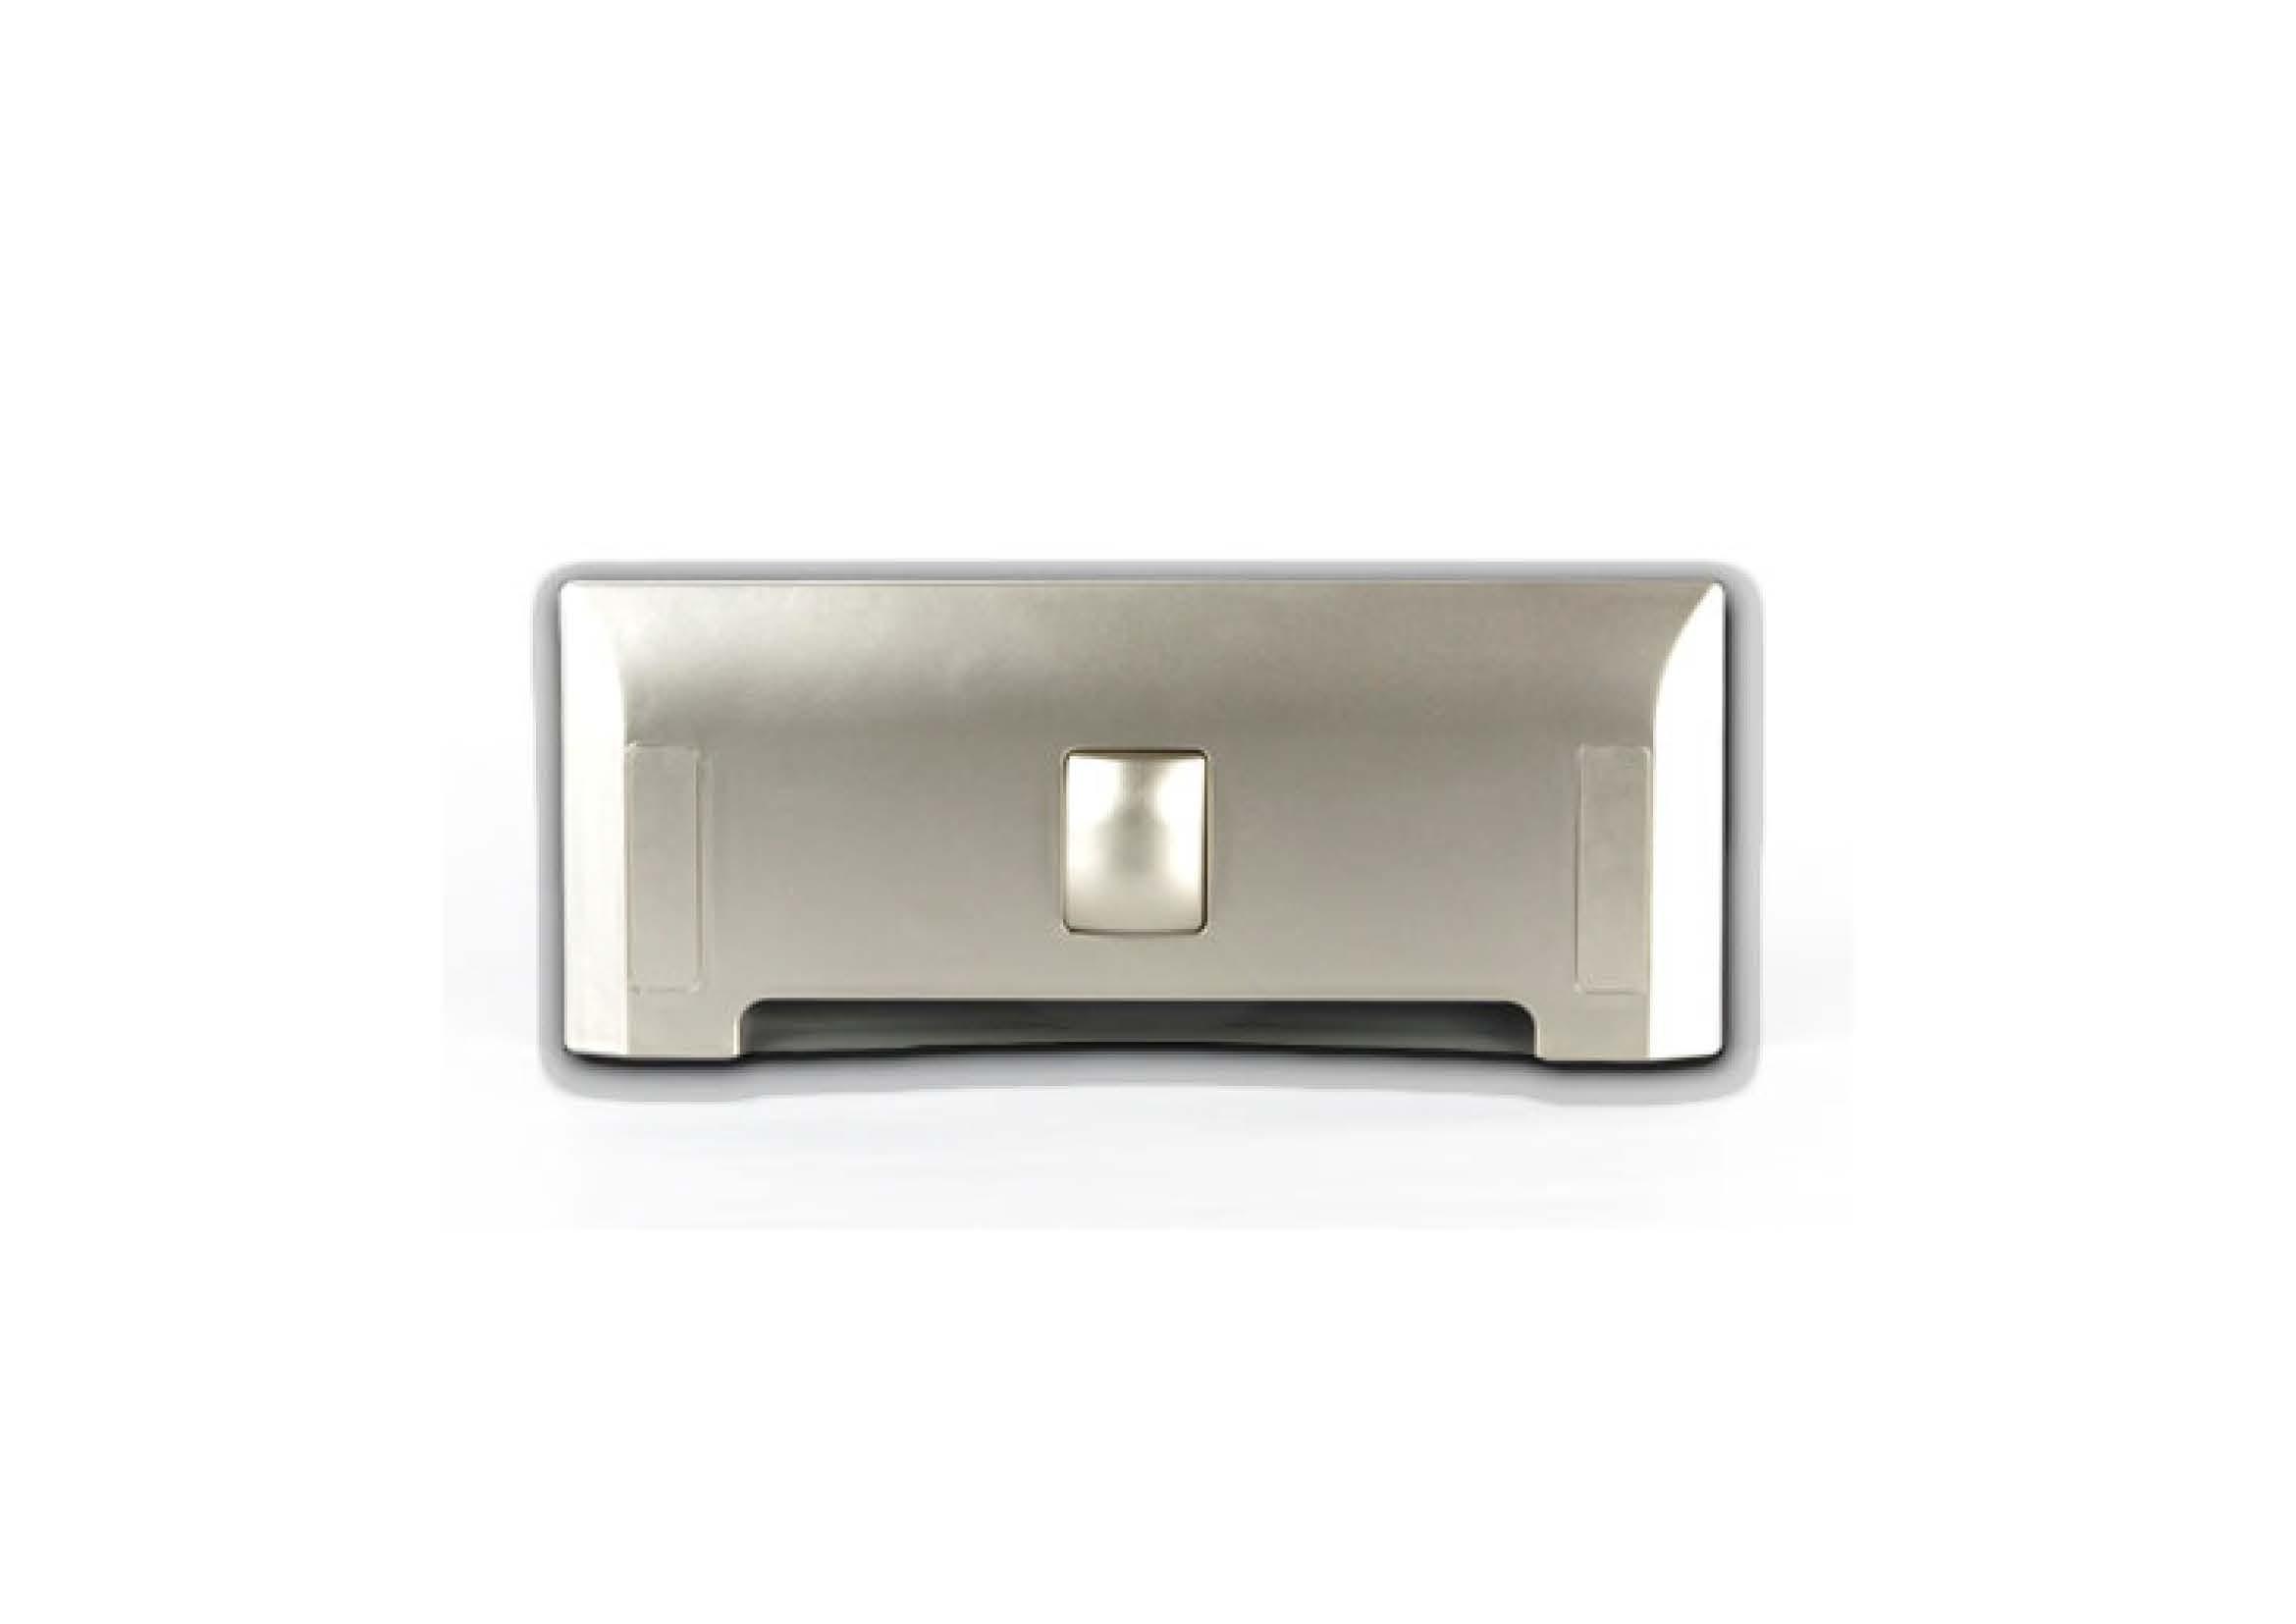 Щілинна вакуумна розетка-совок LEOVAC UNO, колір шампанського